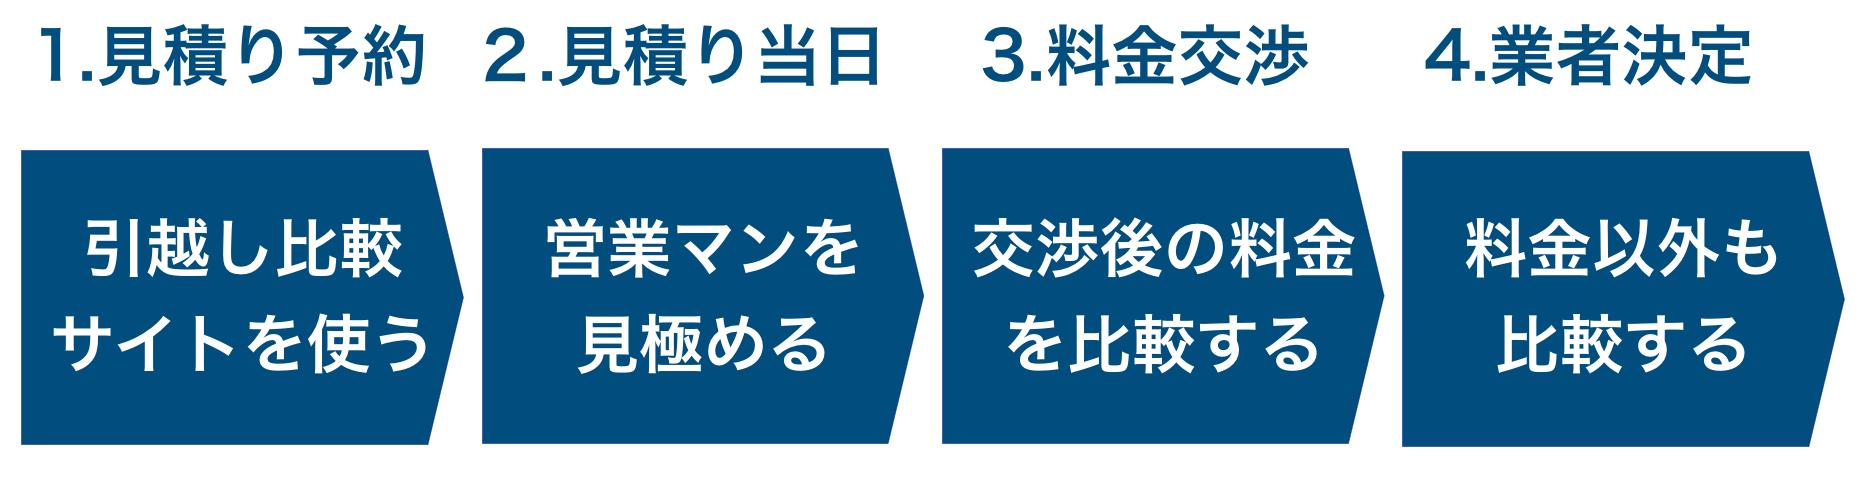 引越し比較の4つのステップ